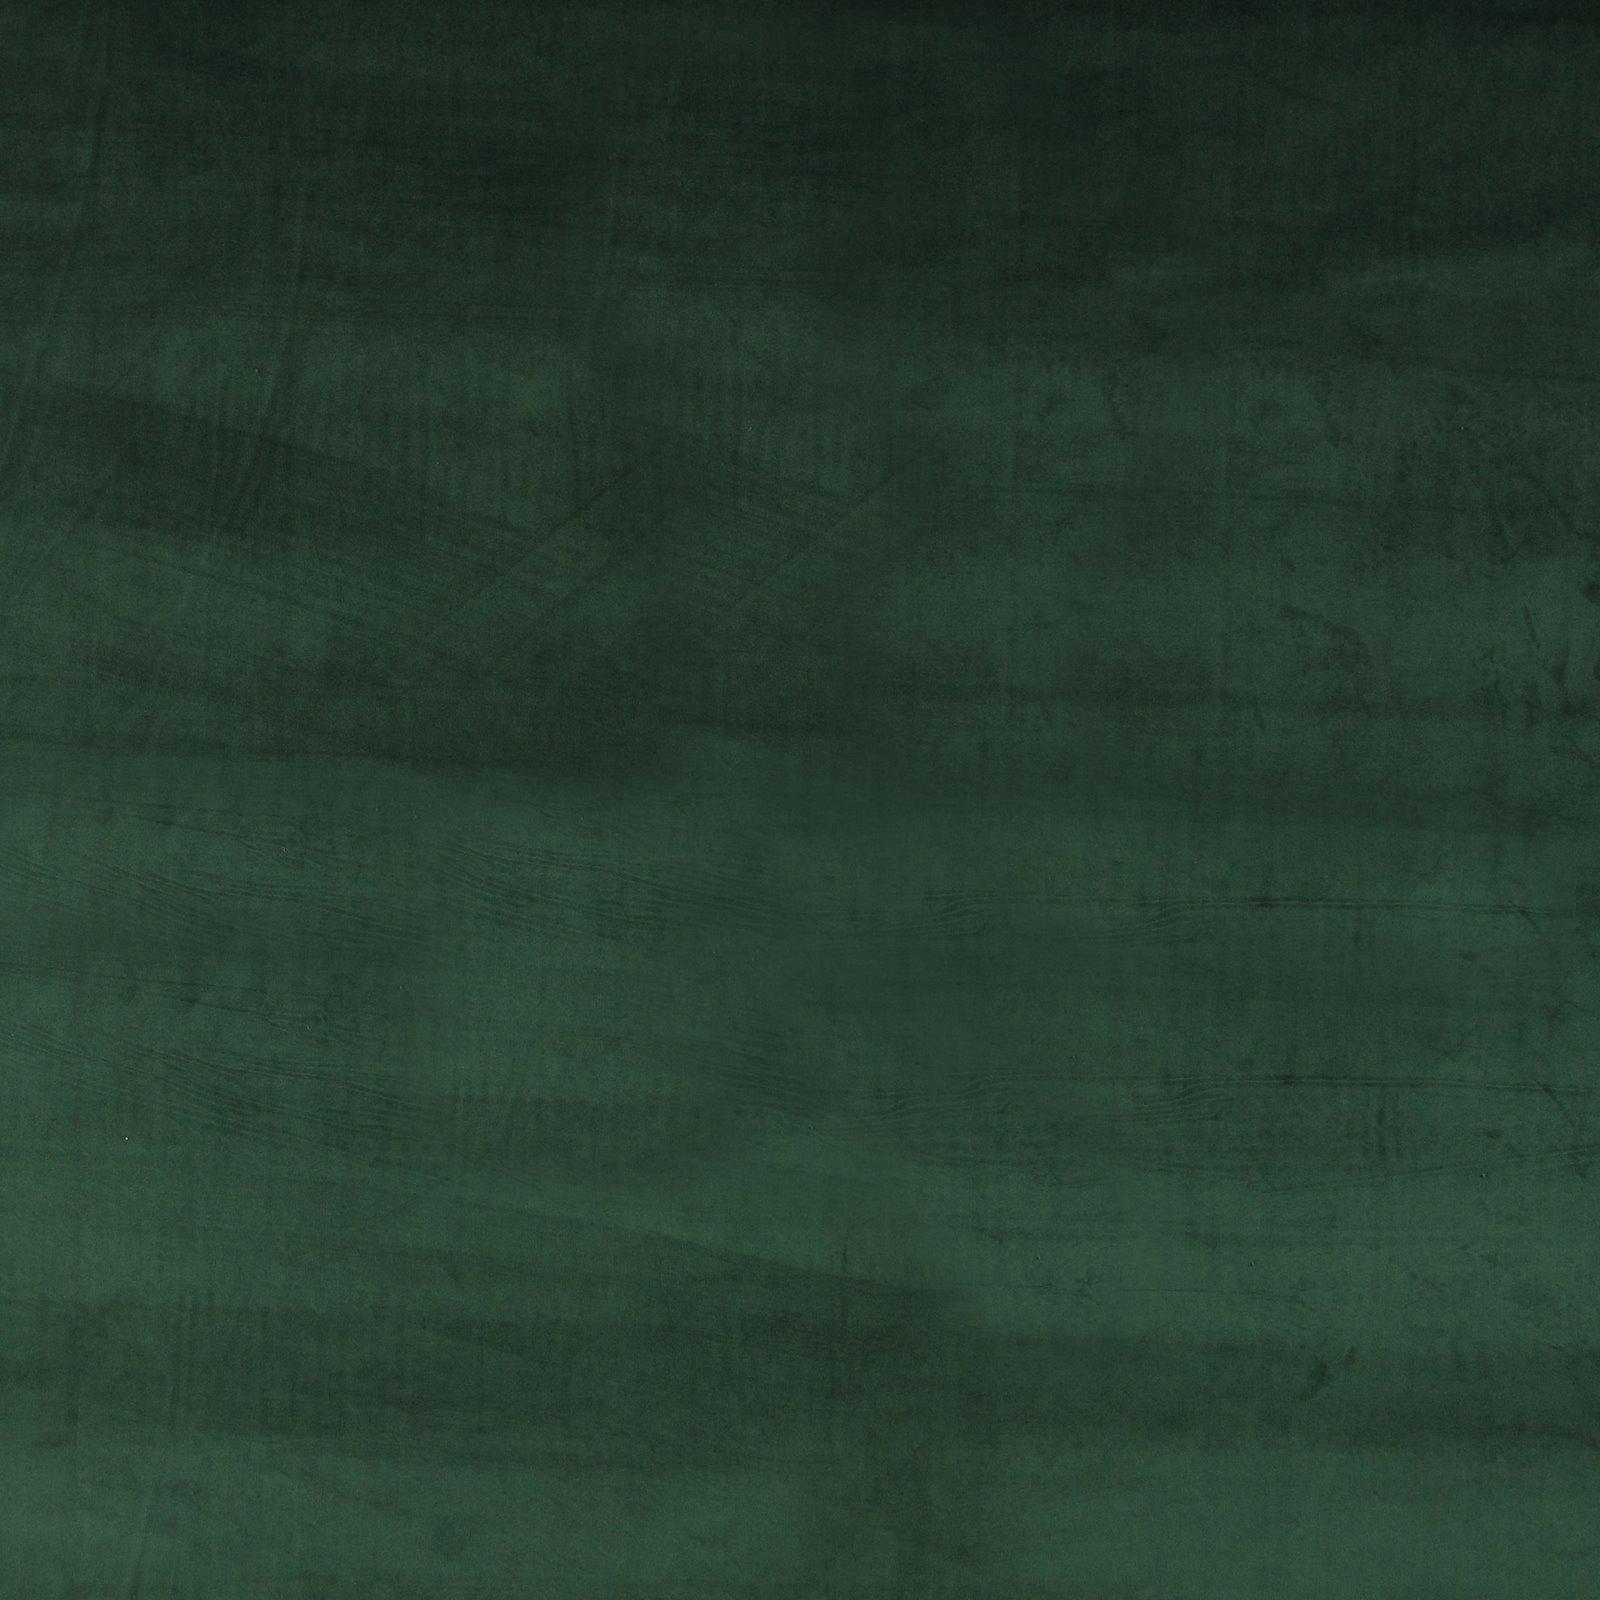 Upholstery shiny velvet emerald green 823724_pack_solid